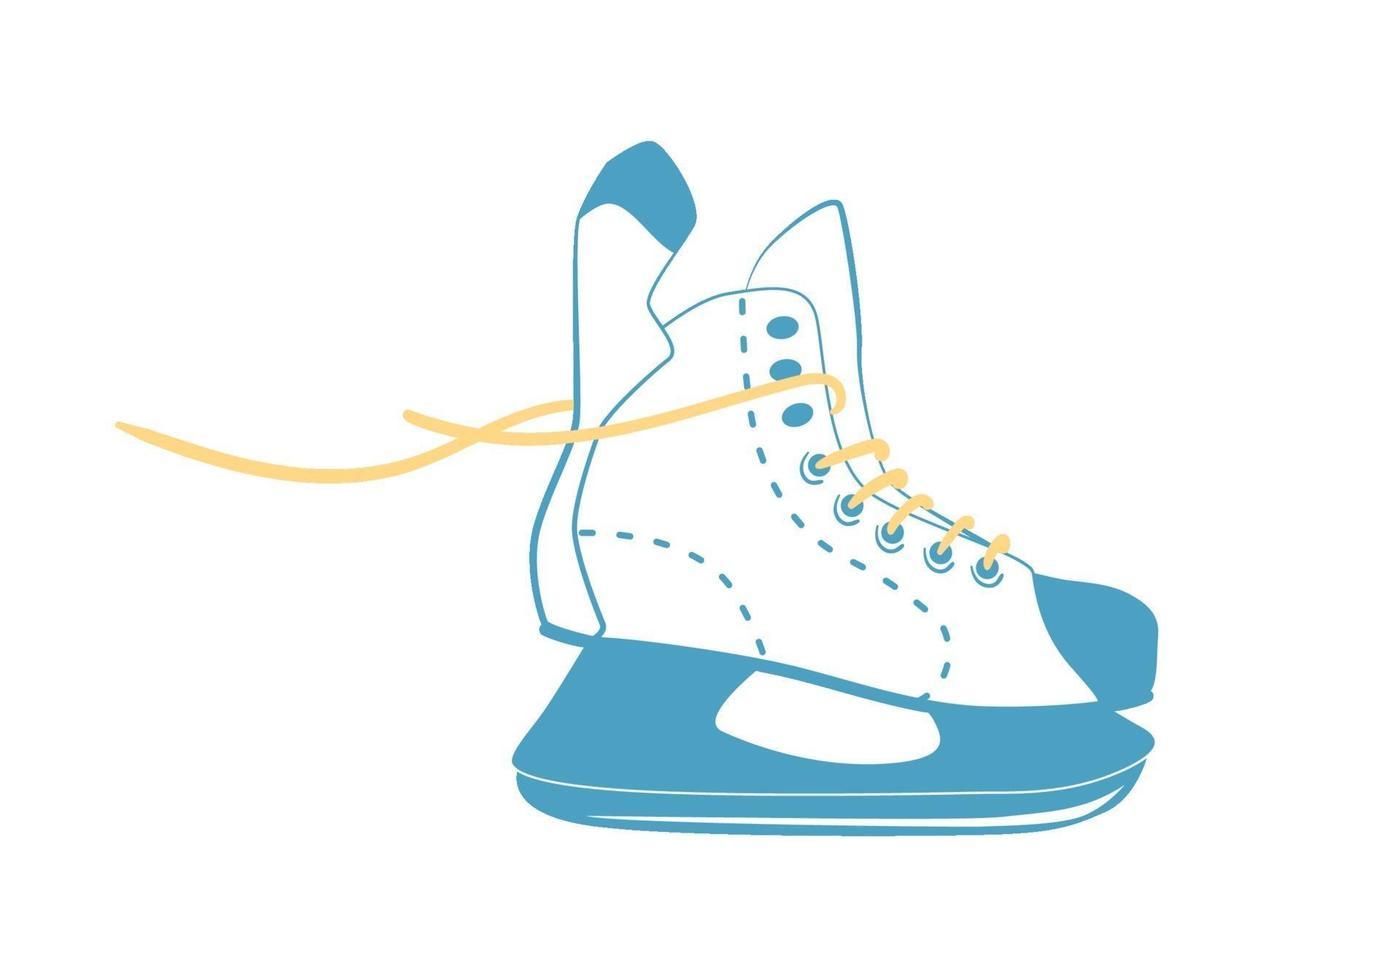 pattini da ghiaccio per hockey con lacci luminosi in stile linea. logo di attrezzature sportive. vista laterale. illustrazione vettoriale isolato su sfondo bianco.